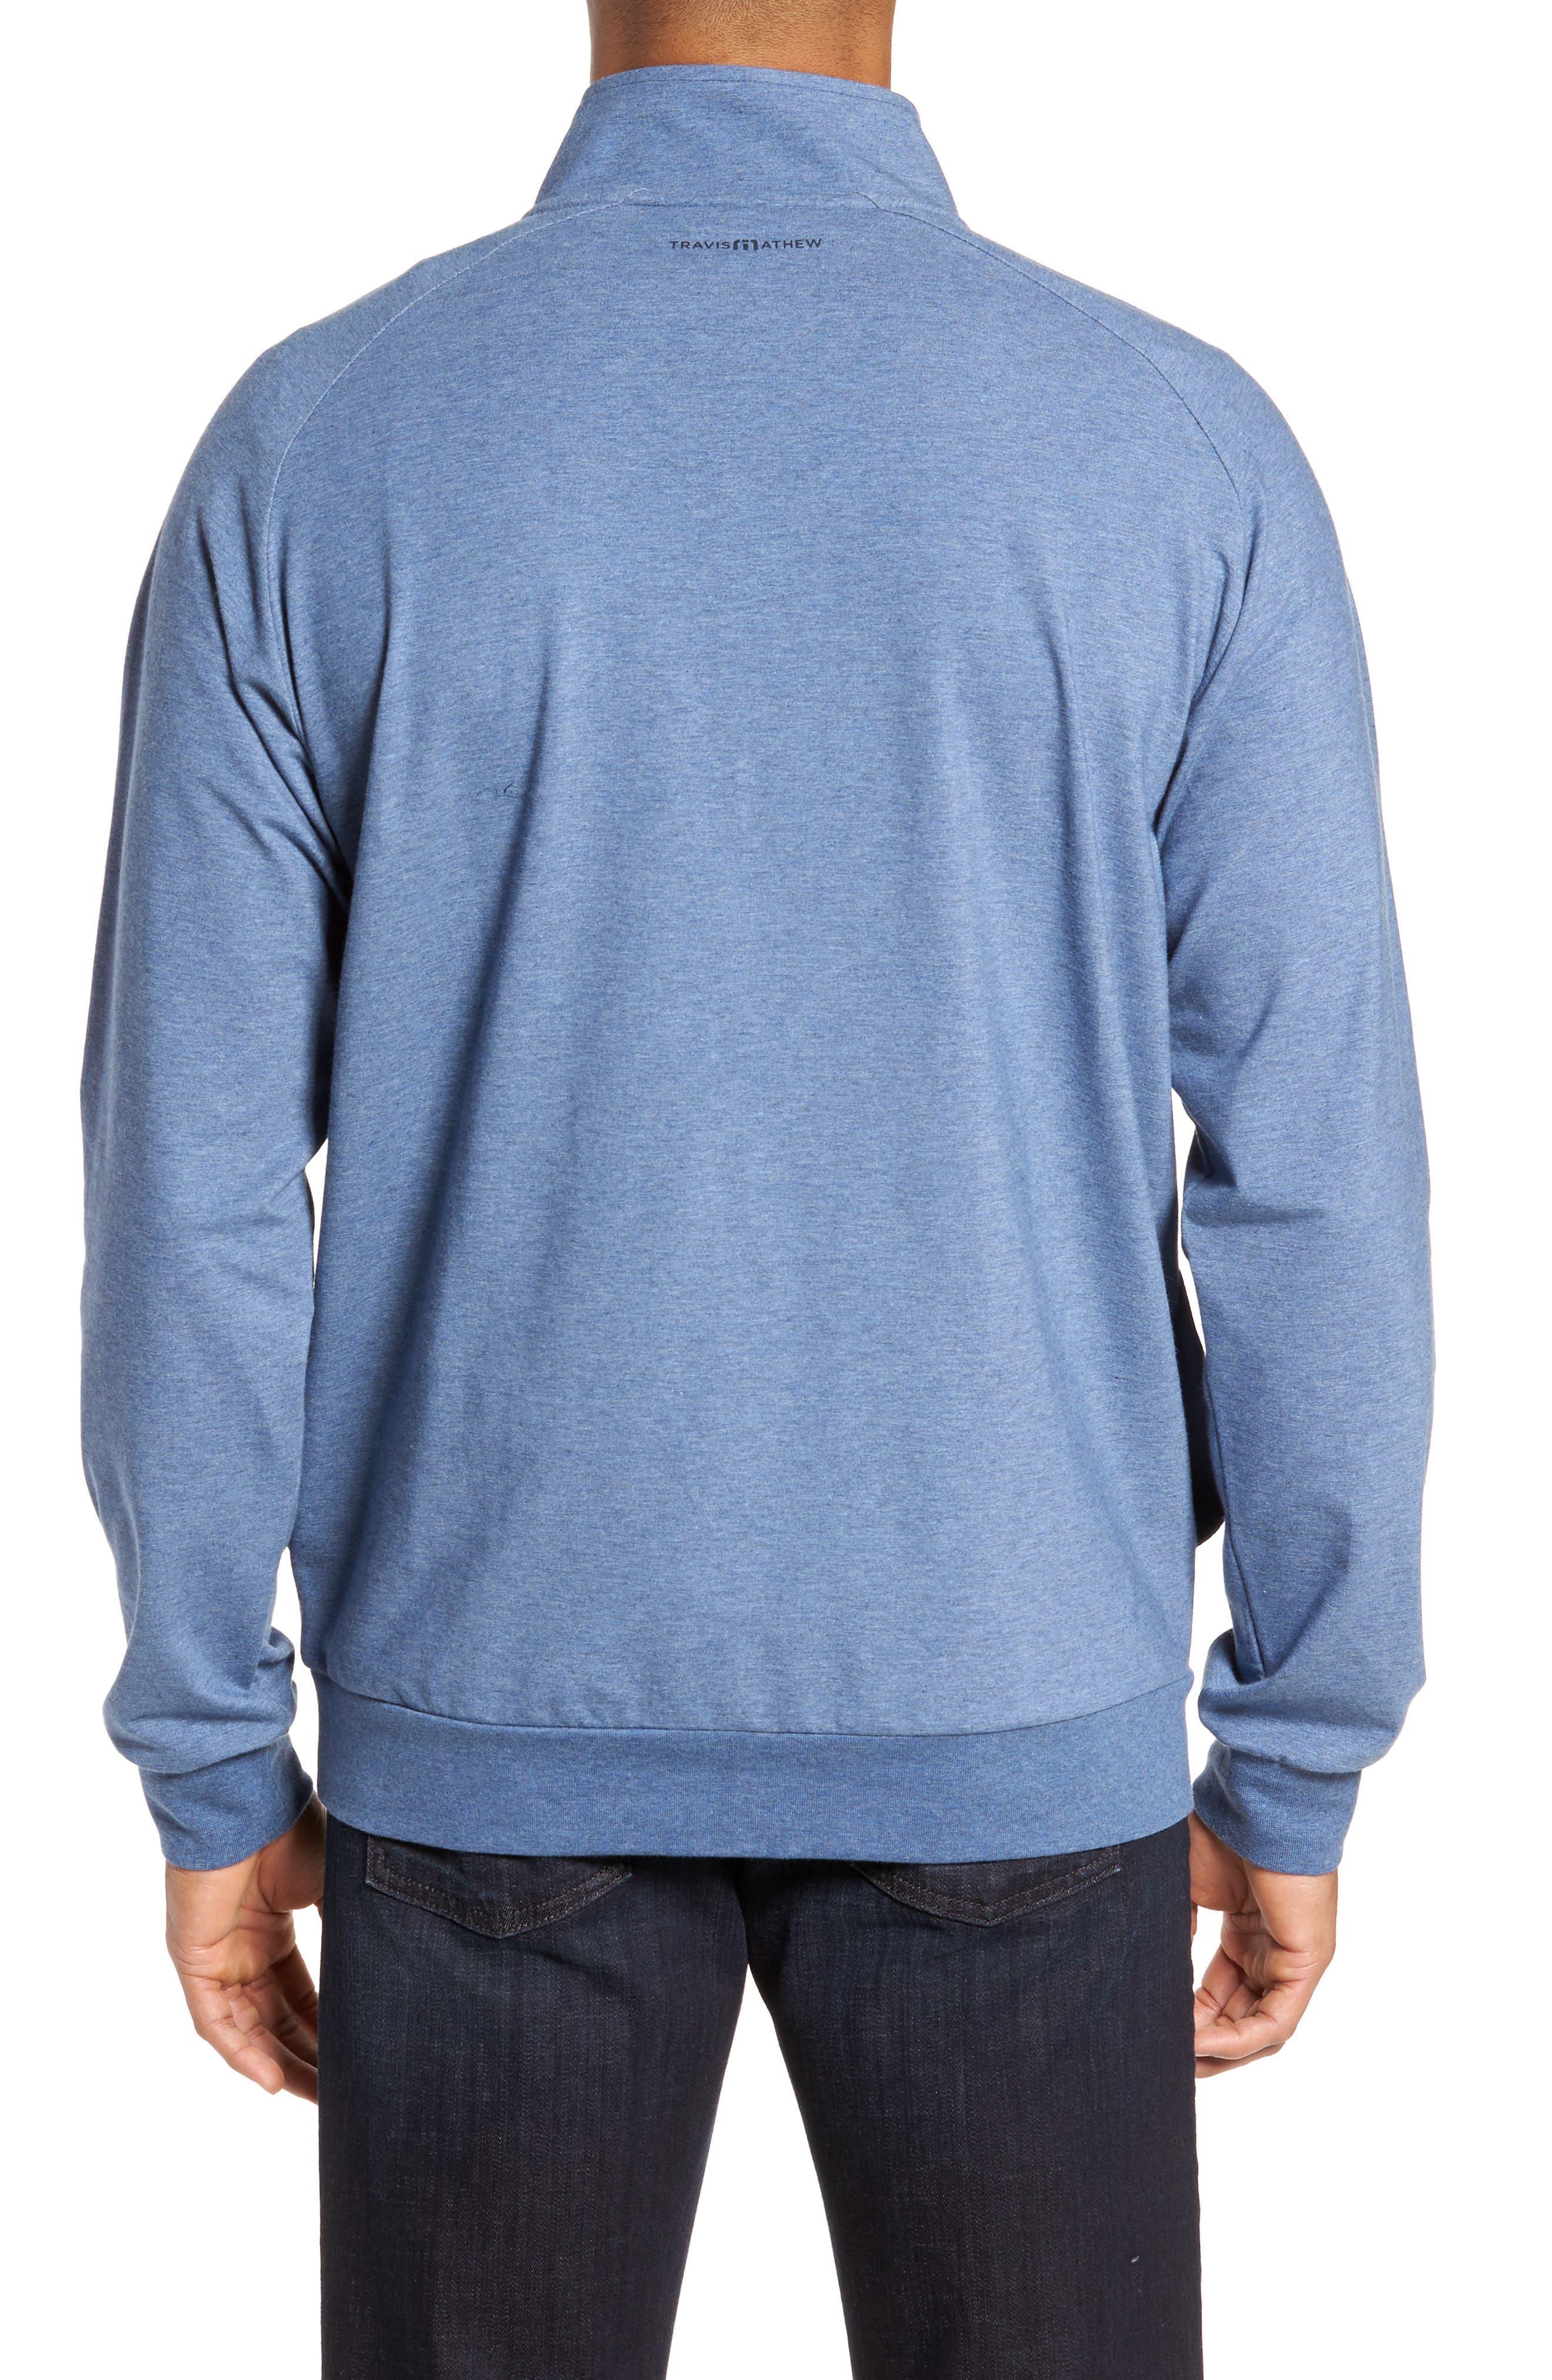 'Strange Love' Trim Fit Wrinkle Resistant Quarter Zip Jacket,                             Alternate thumbnail 8, color,